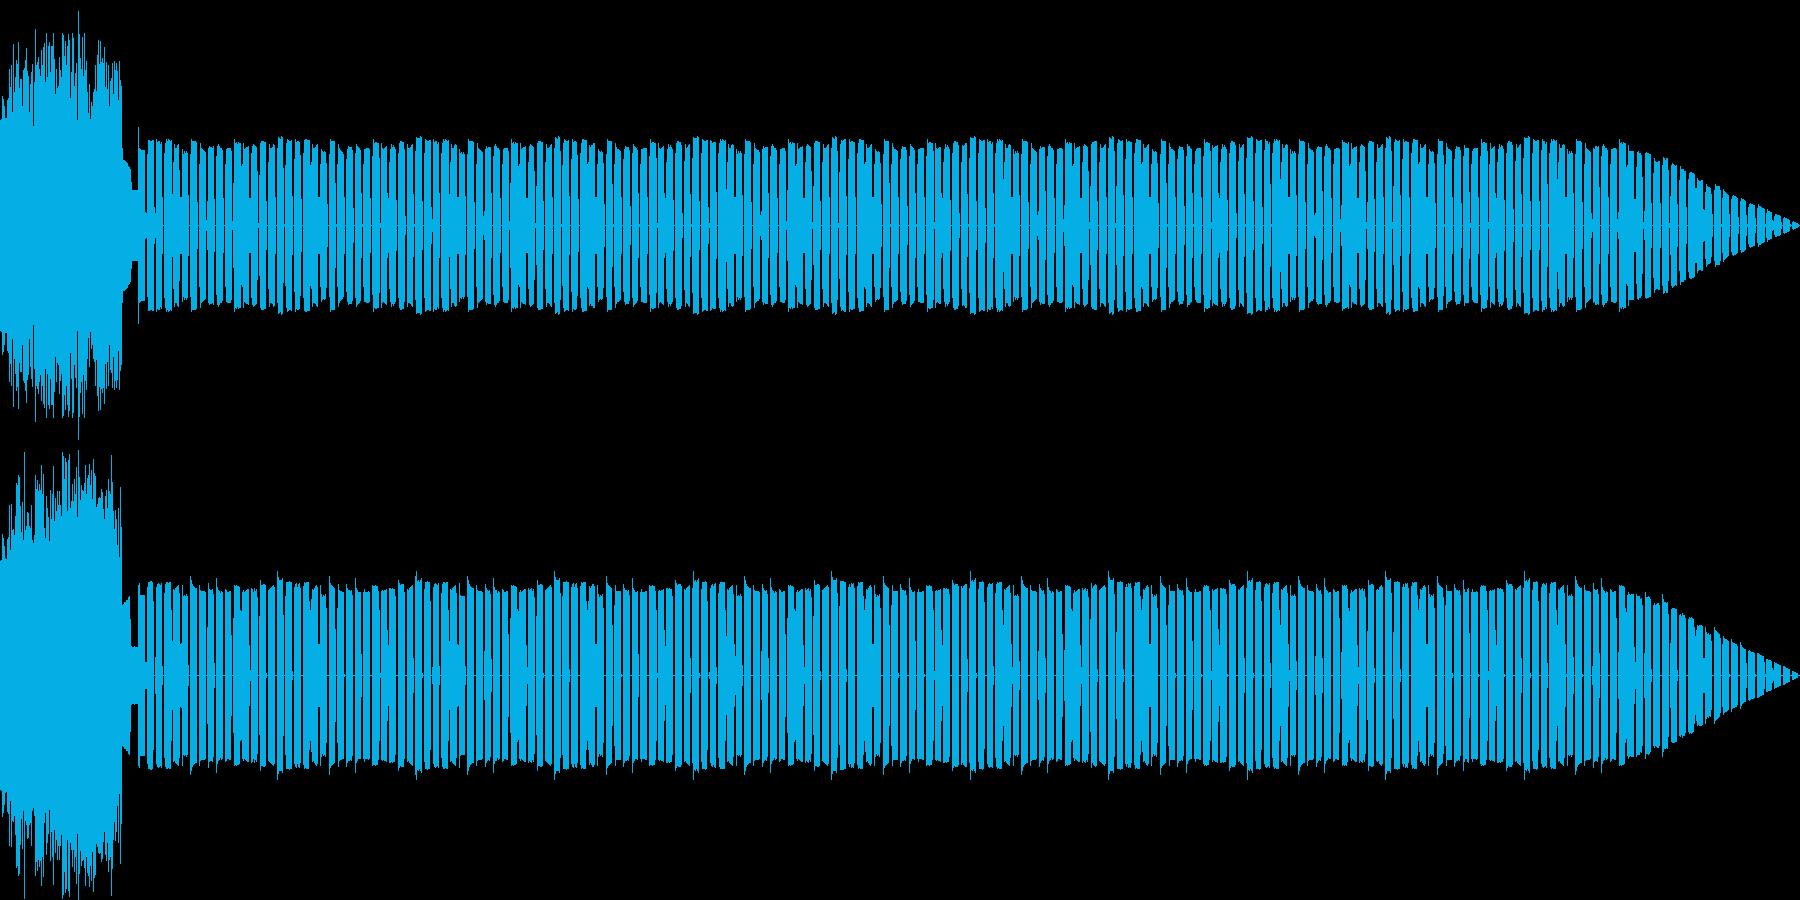 懐かしい雰囲気のシューティング系BGMの再生済みの波形